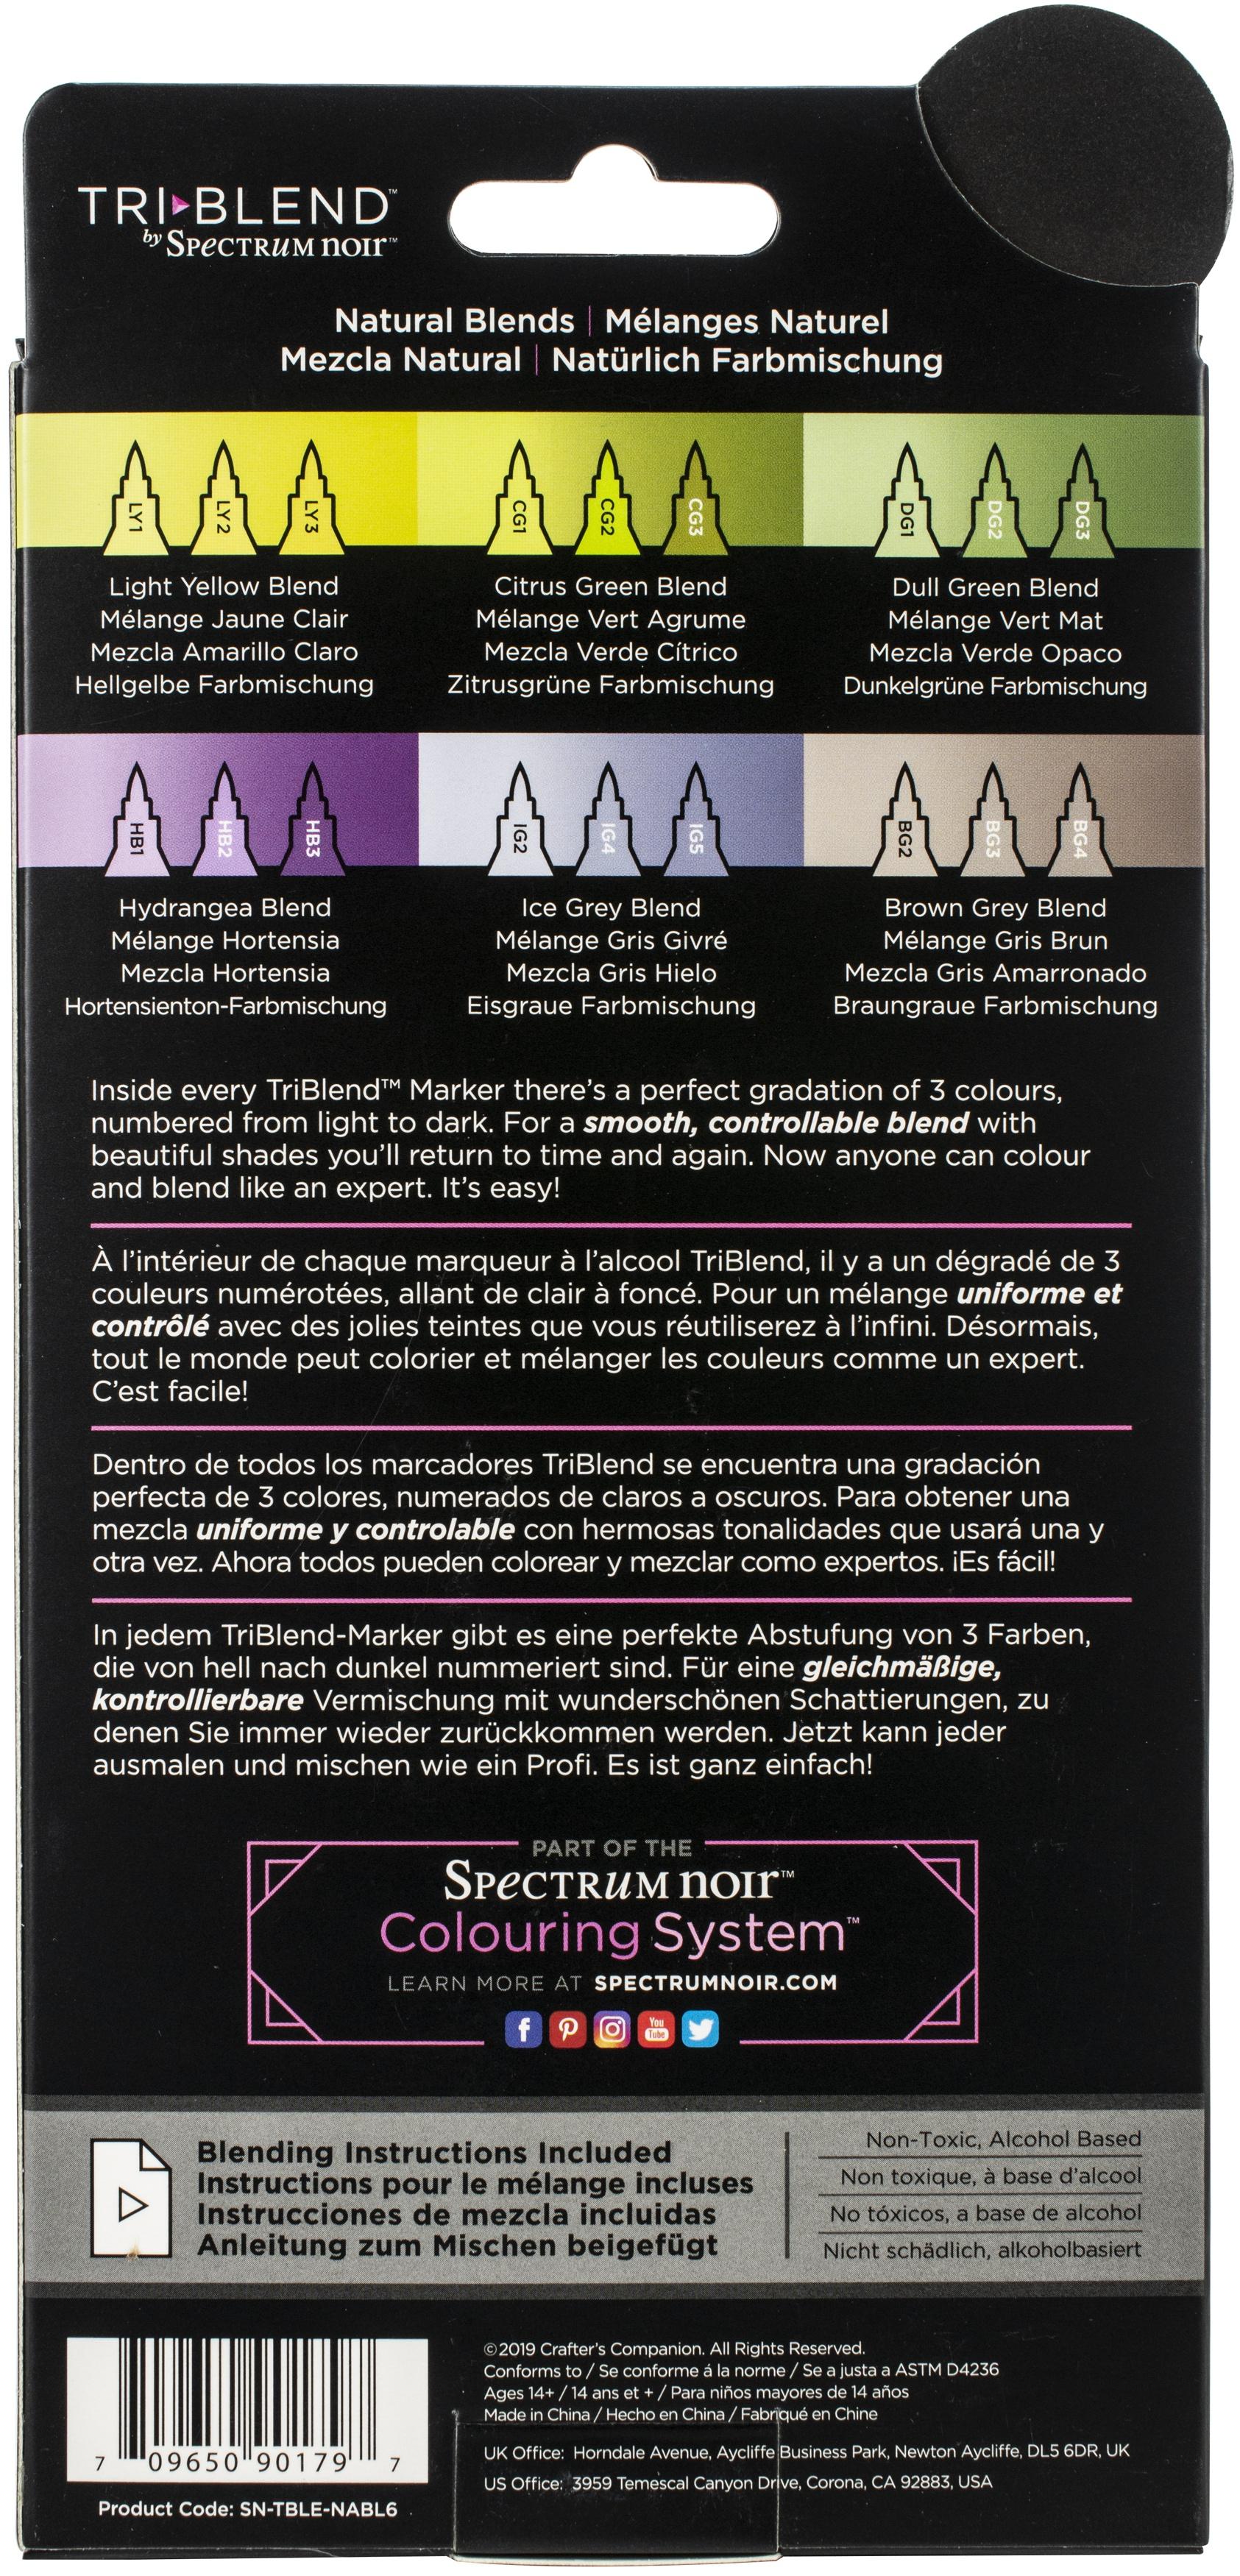 Tri-blend Spectrum Noir 6 Pack - Natural Blends